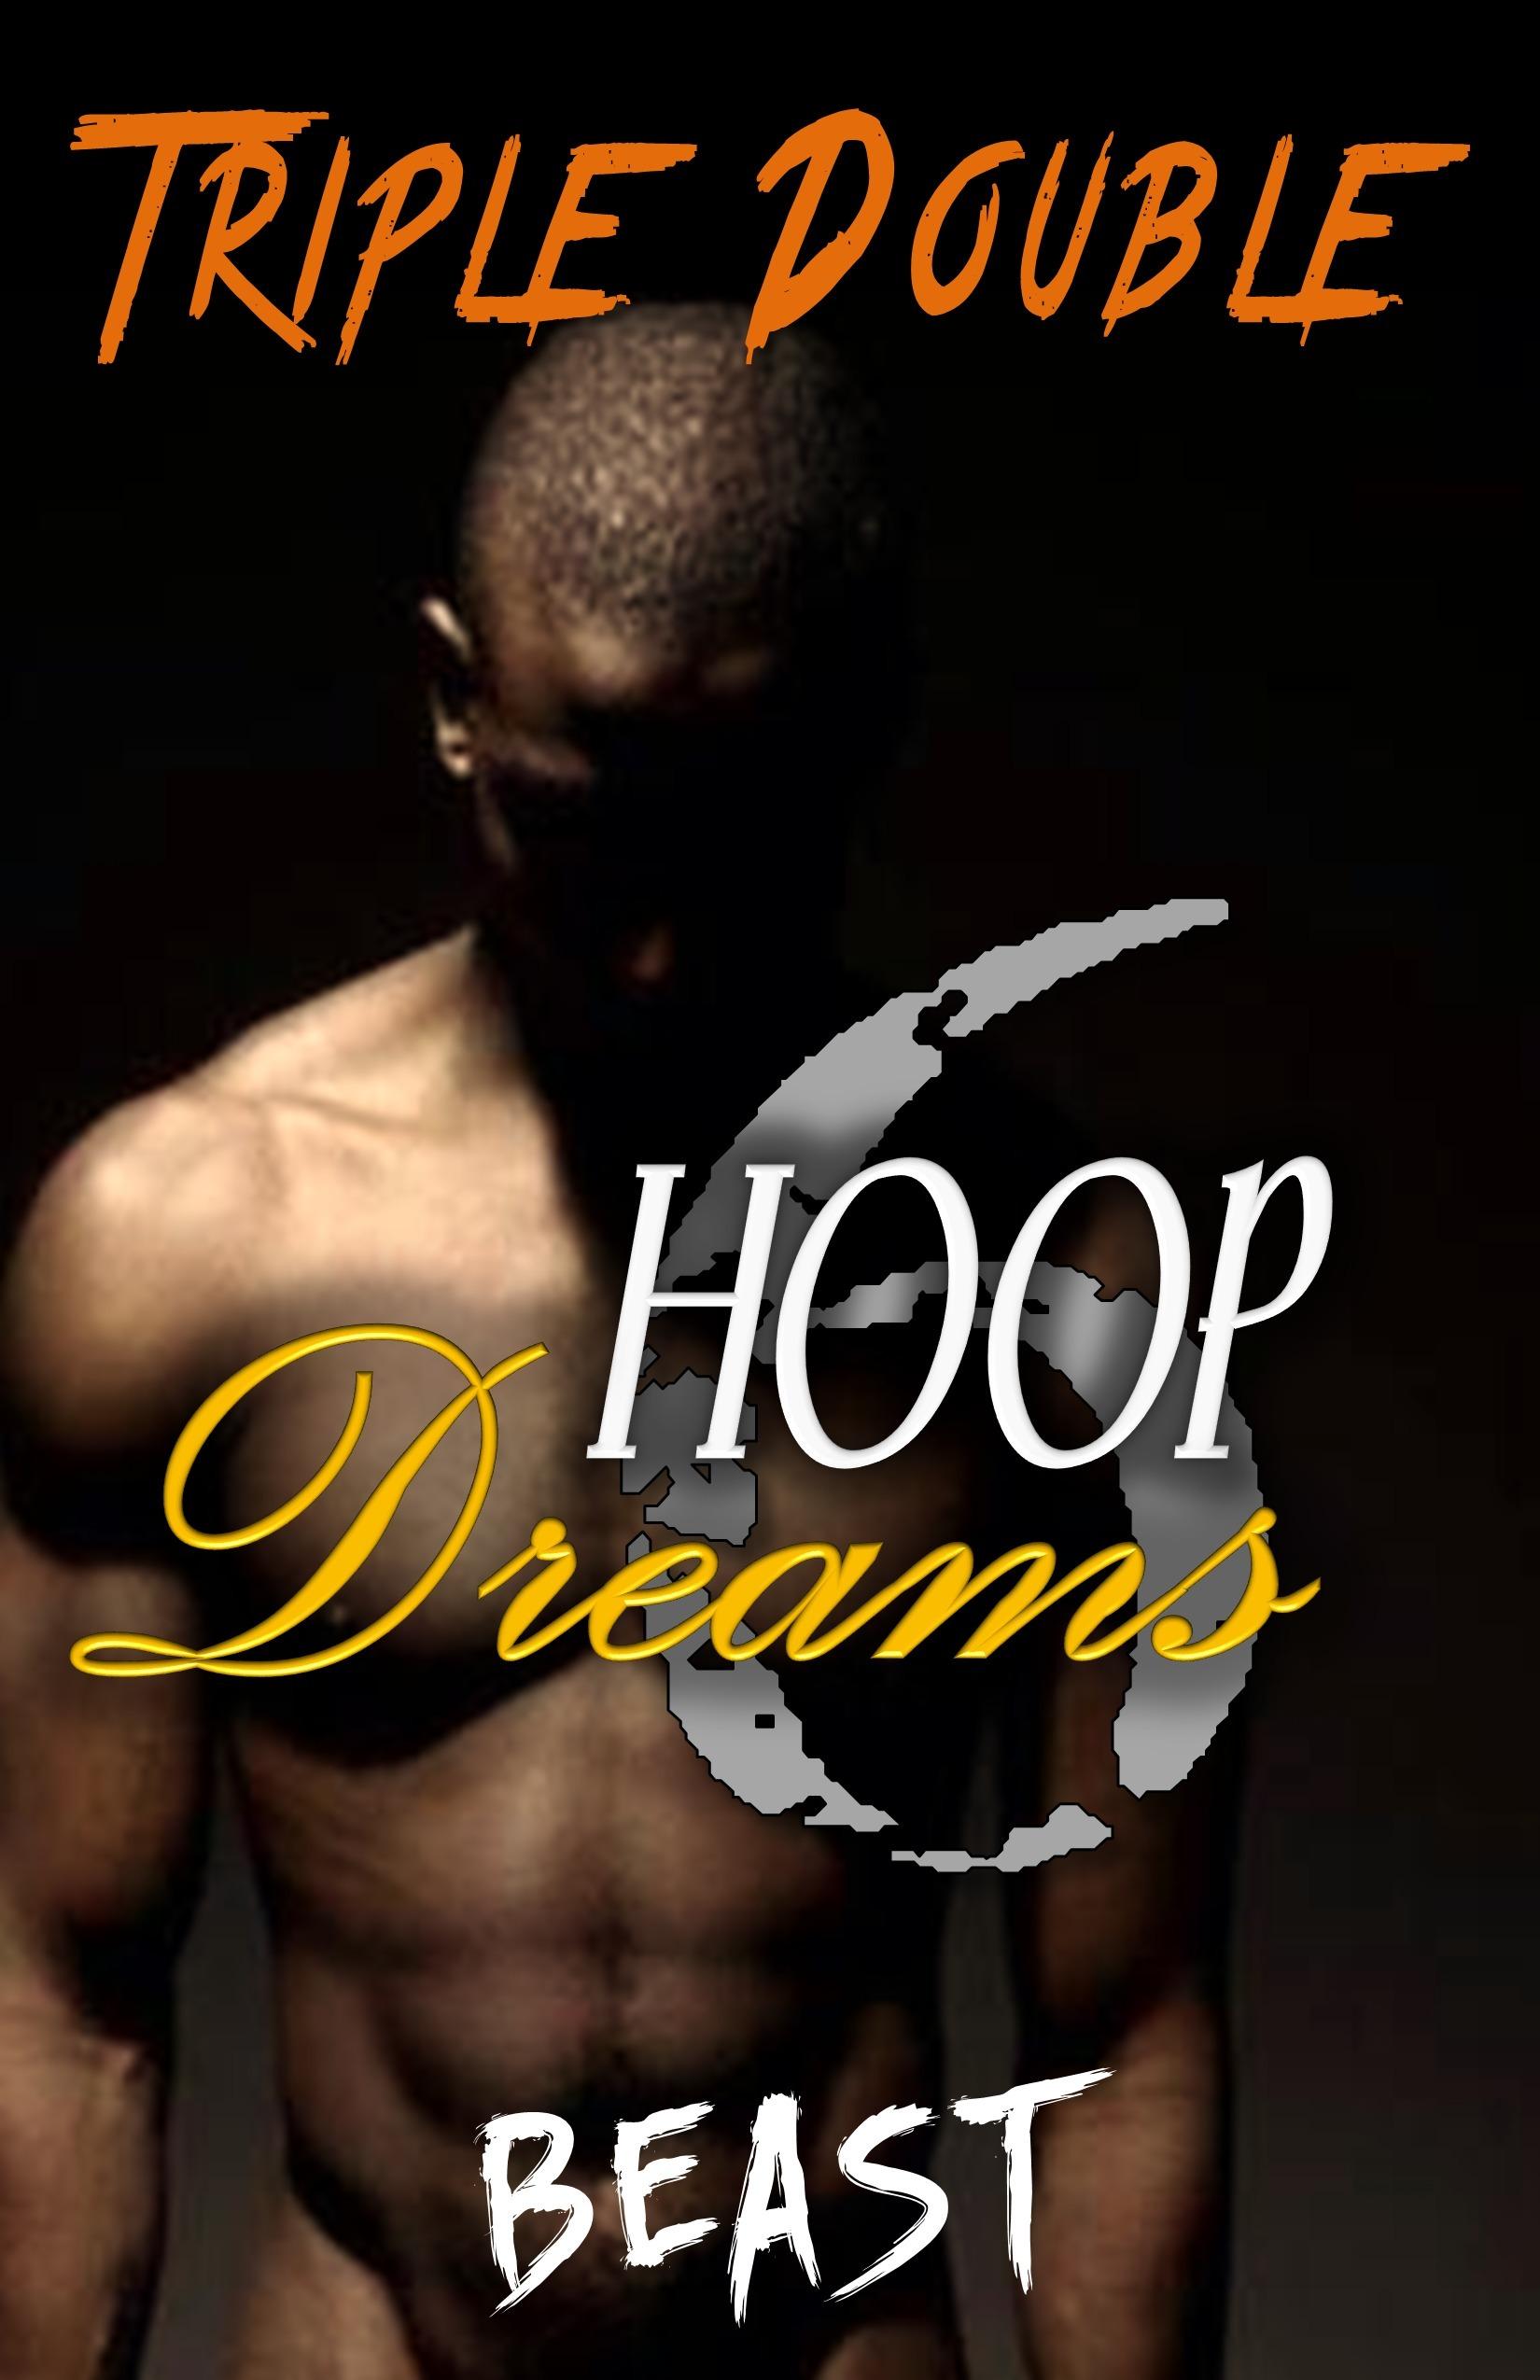 Hoop Dreams 6: Triple Double Beast